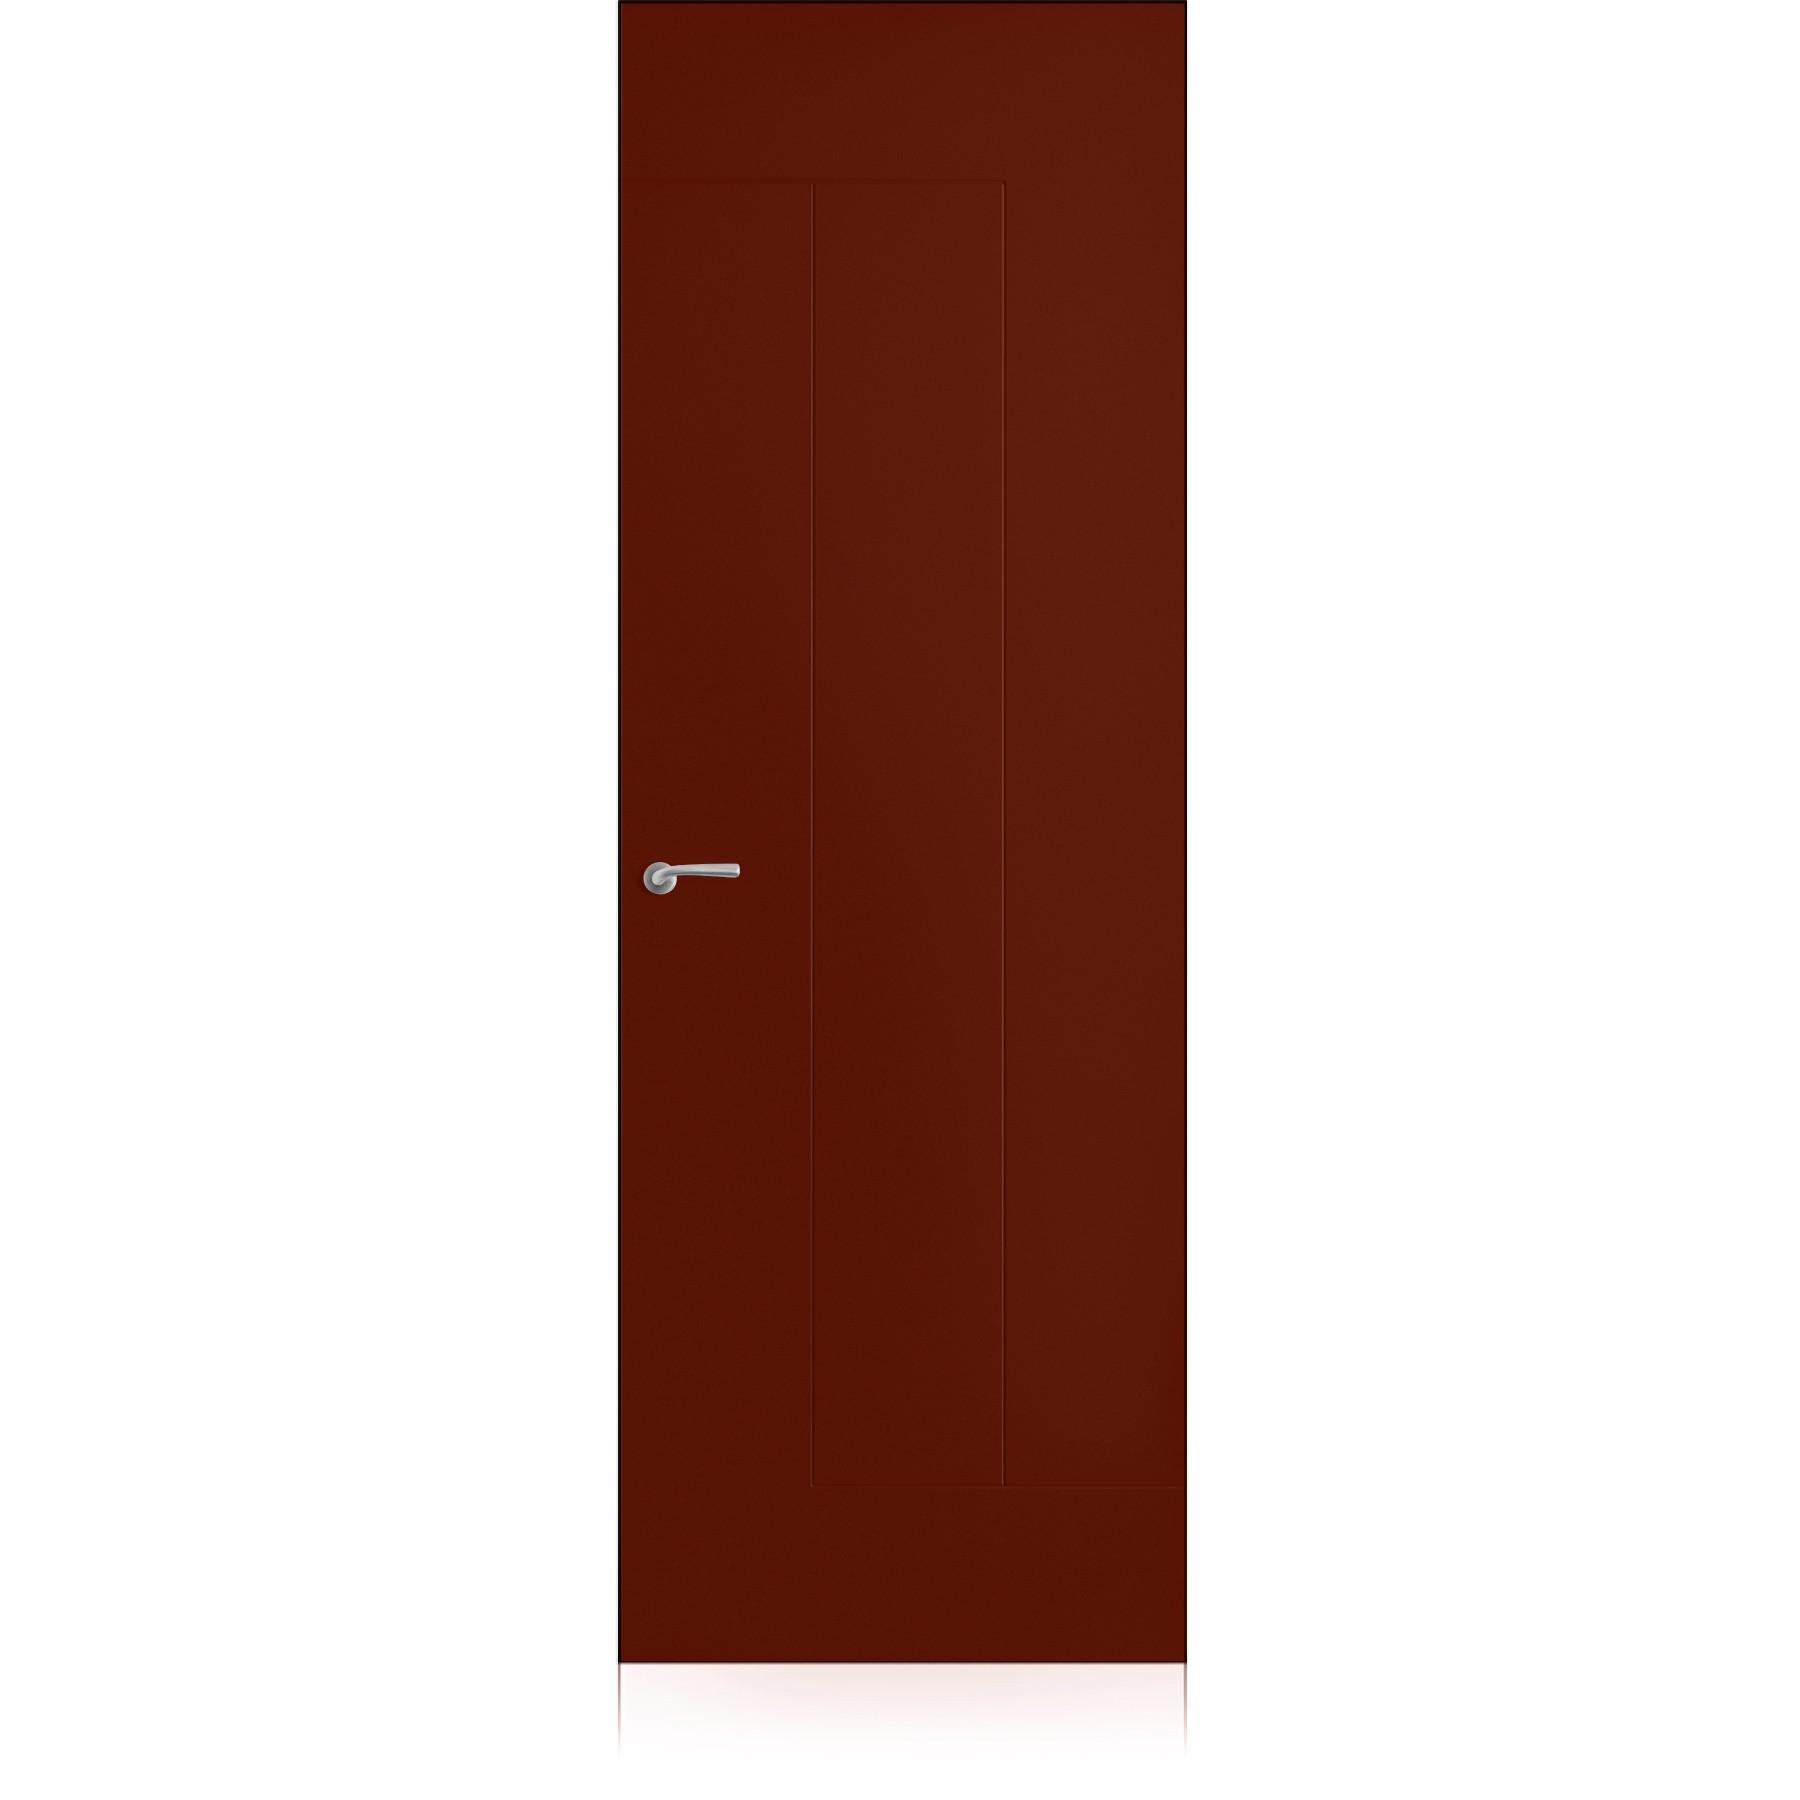 Yncisa/8 Zero Corallo Pure Laccato ULTRAopaco door